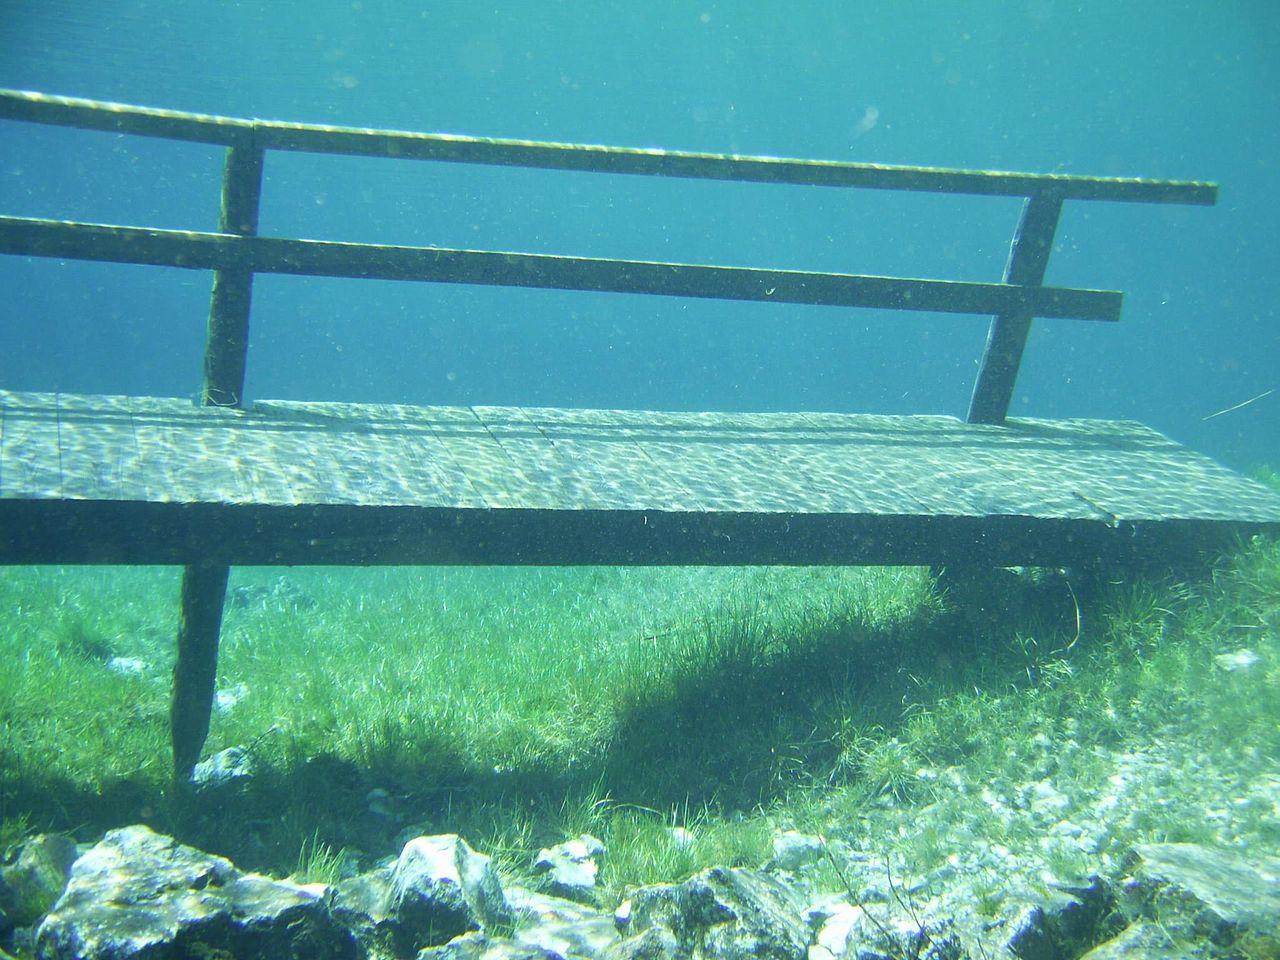 Зеленое озеро, скамейка под водой